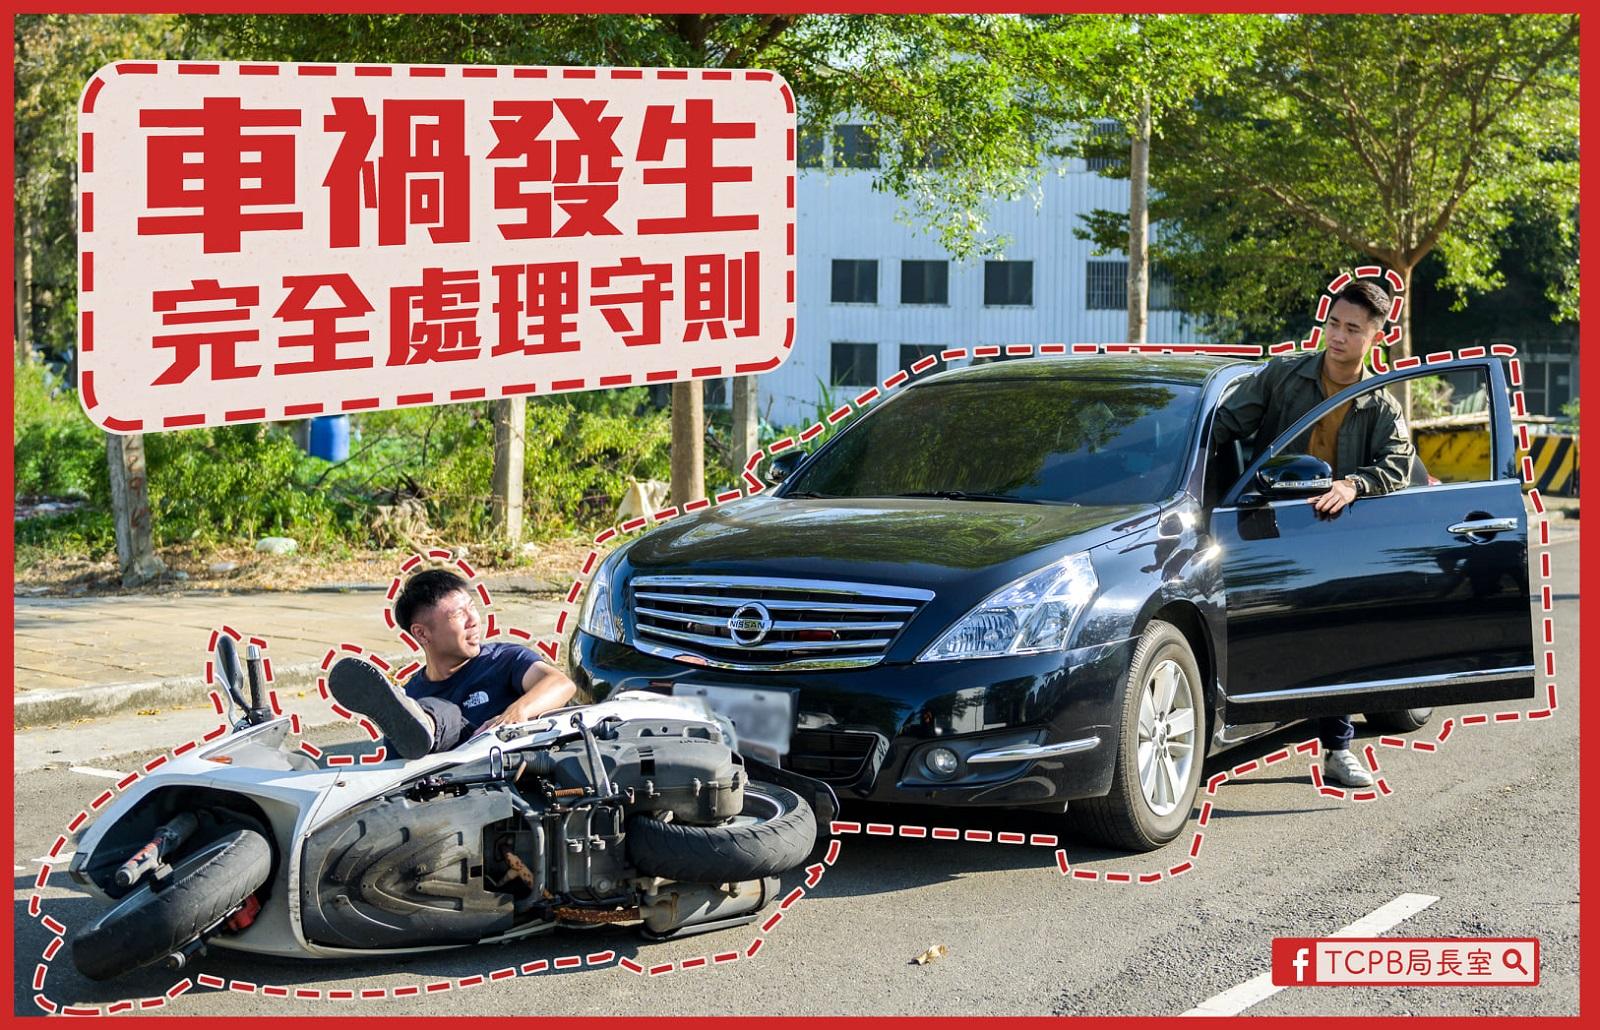 遇上車禍怎麼辦?警方「車禍處理守則」幽默示範掀網熱議